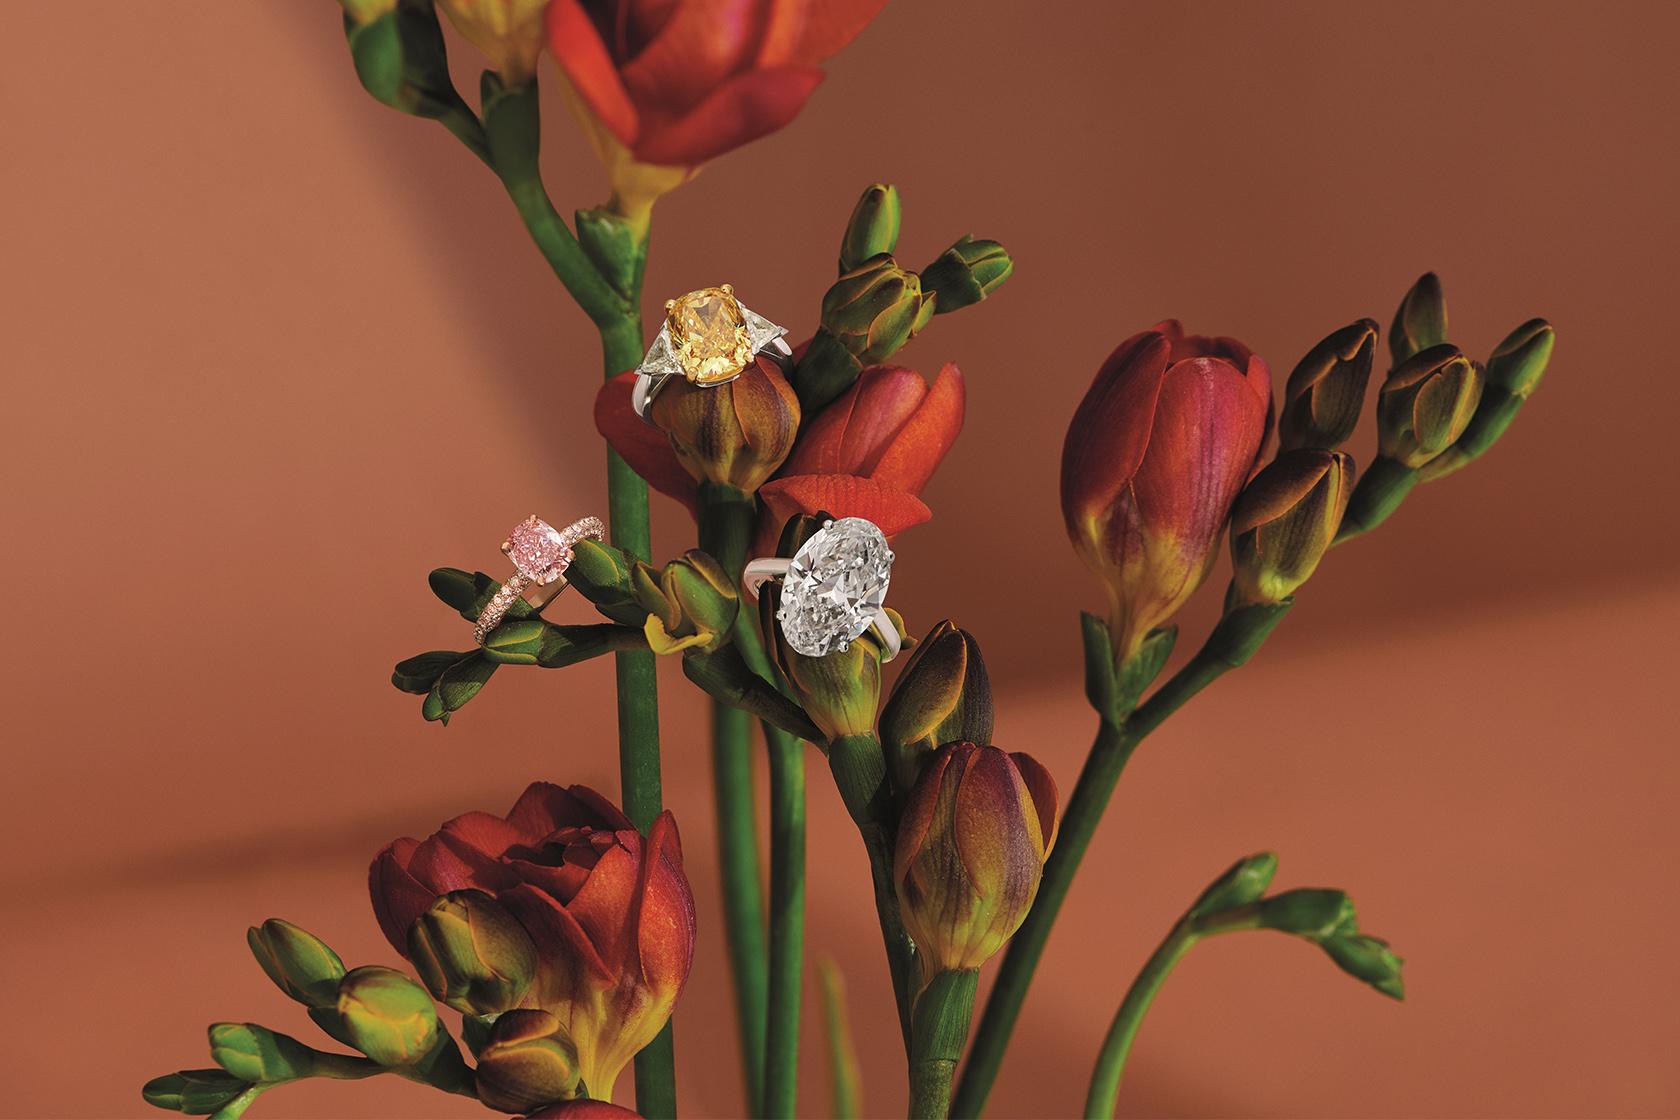 DE BEERS頂級珠寶展NATURE'S WONDERS頌讚幻美自然奇蹟